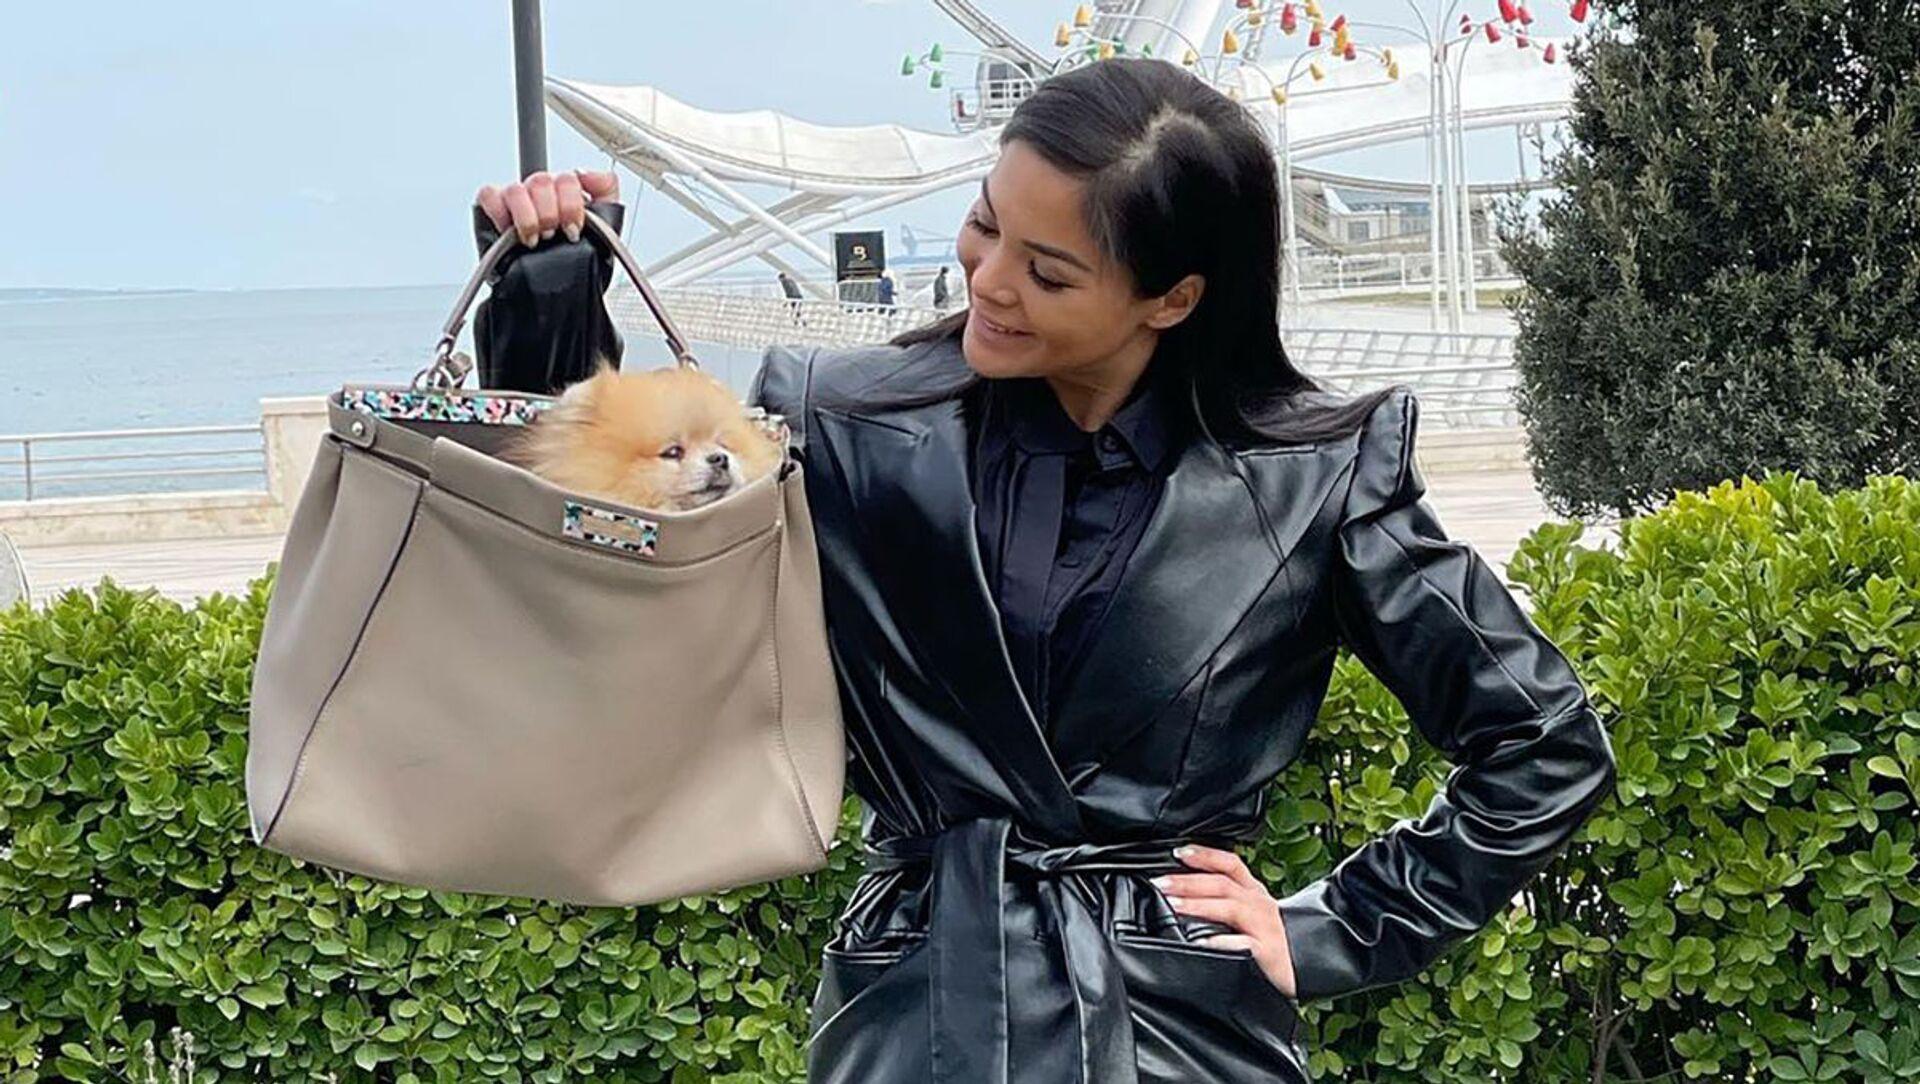 Таблетка, «Келли» и ридикюль: какие сумки выбирают модные блогеры Азербайджана?  - Sputnik Азербайджан, 1920, 09.04.2021